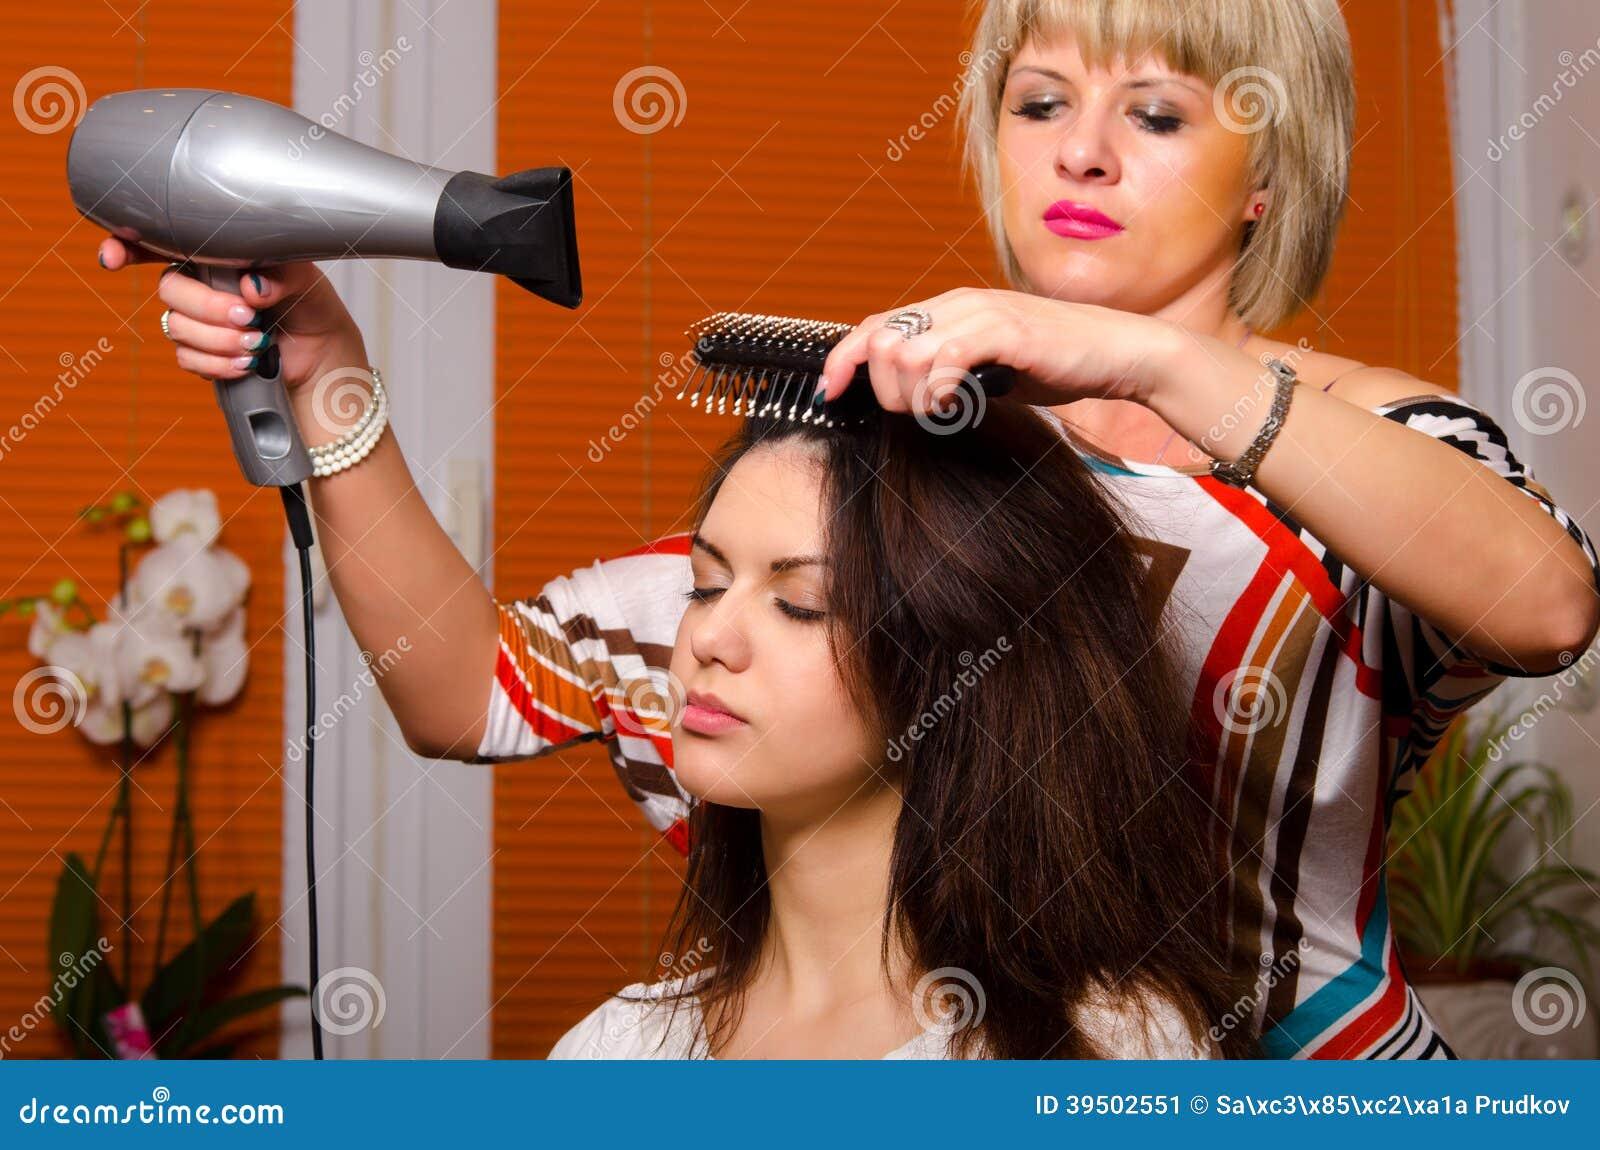 Hairdresser making hair